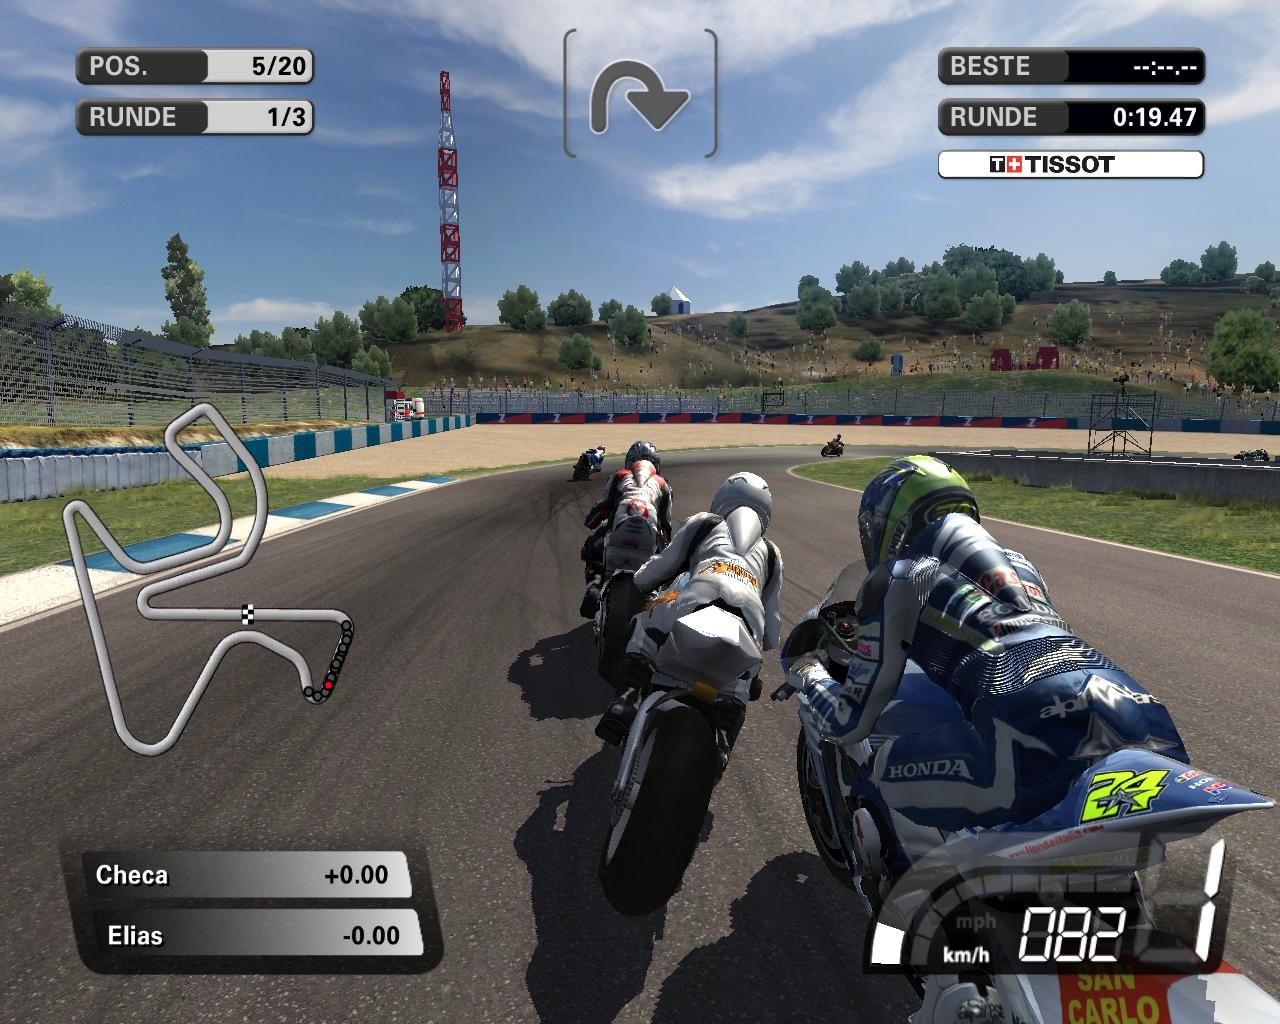 Motogp 08 Free Download Pc Game Full Version Free